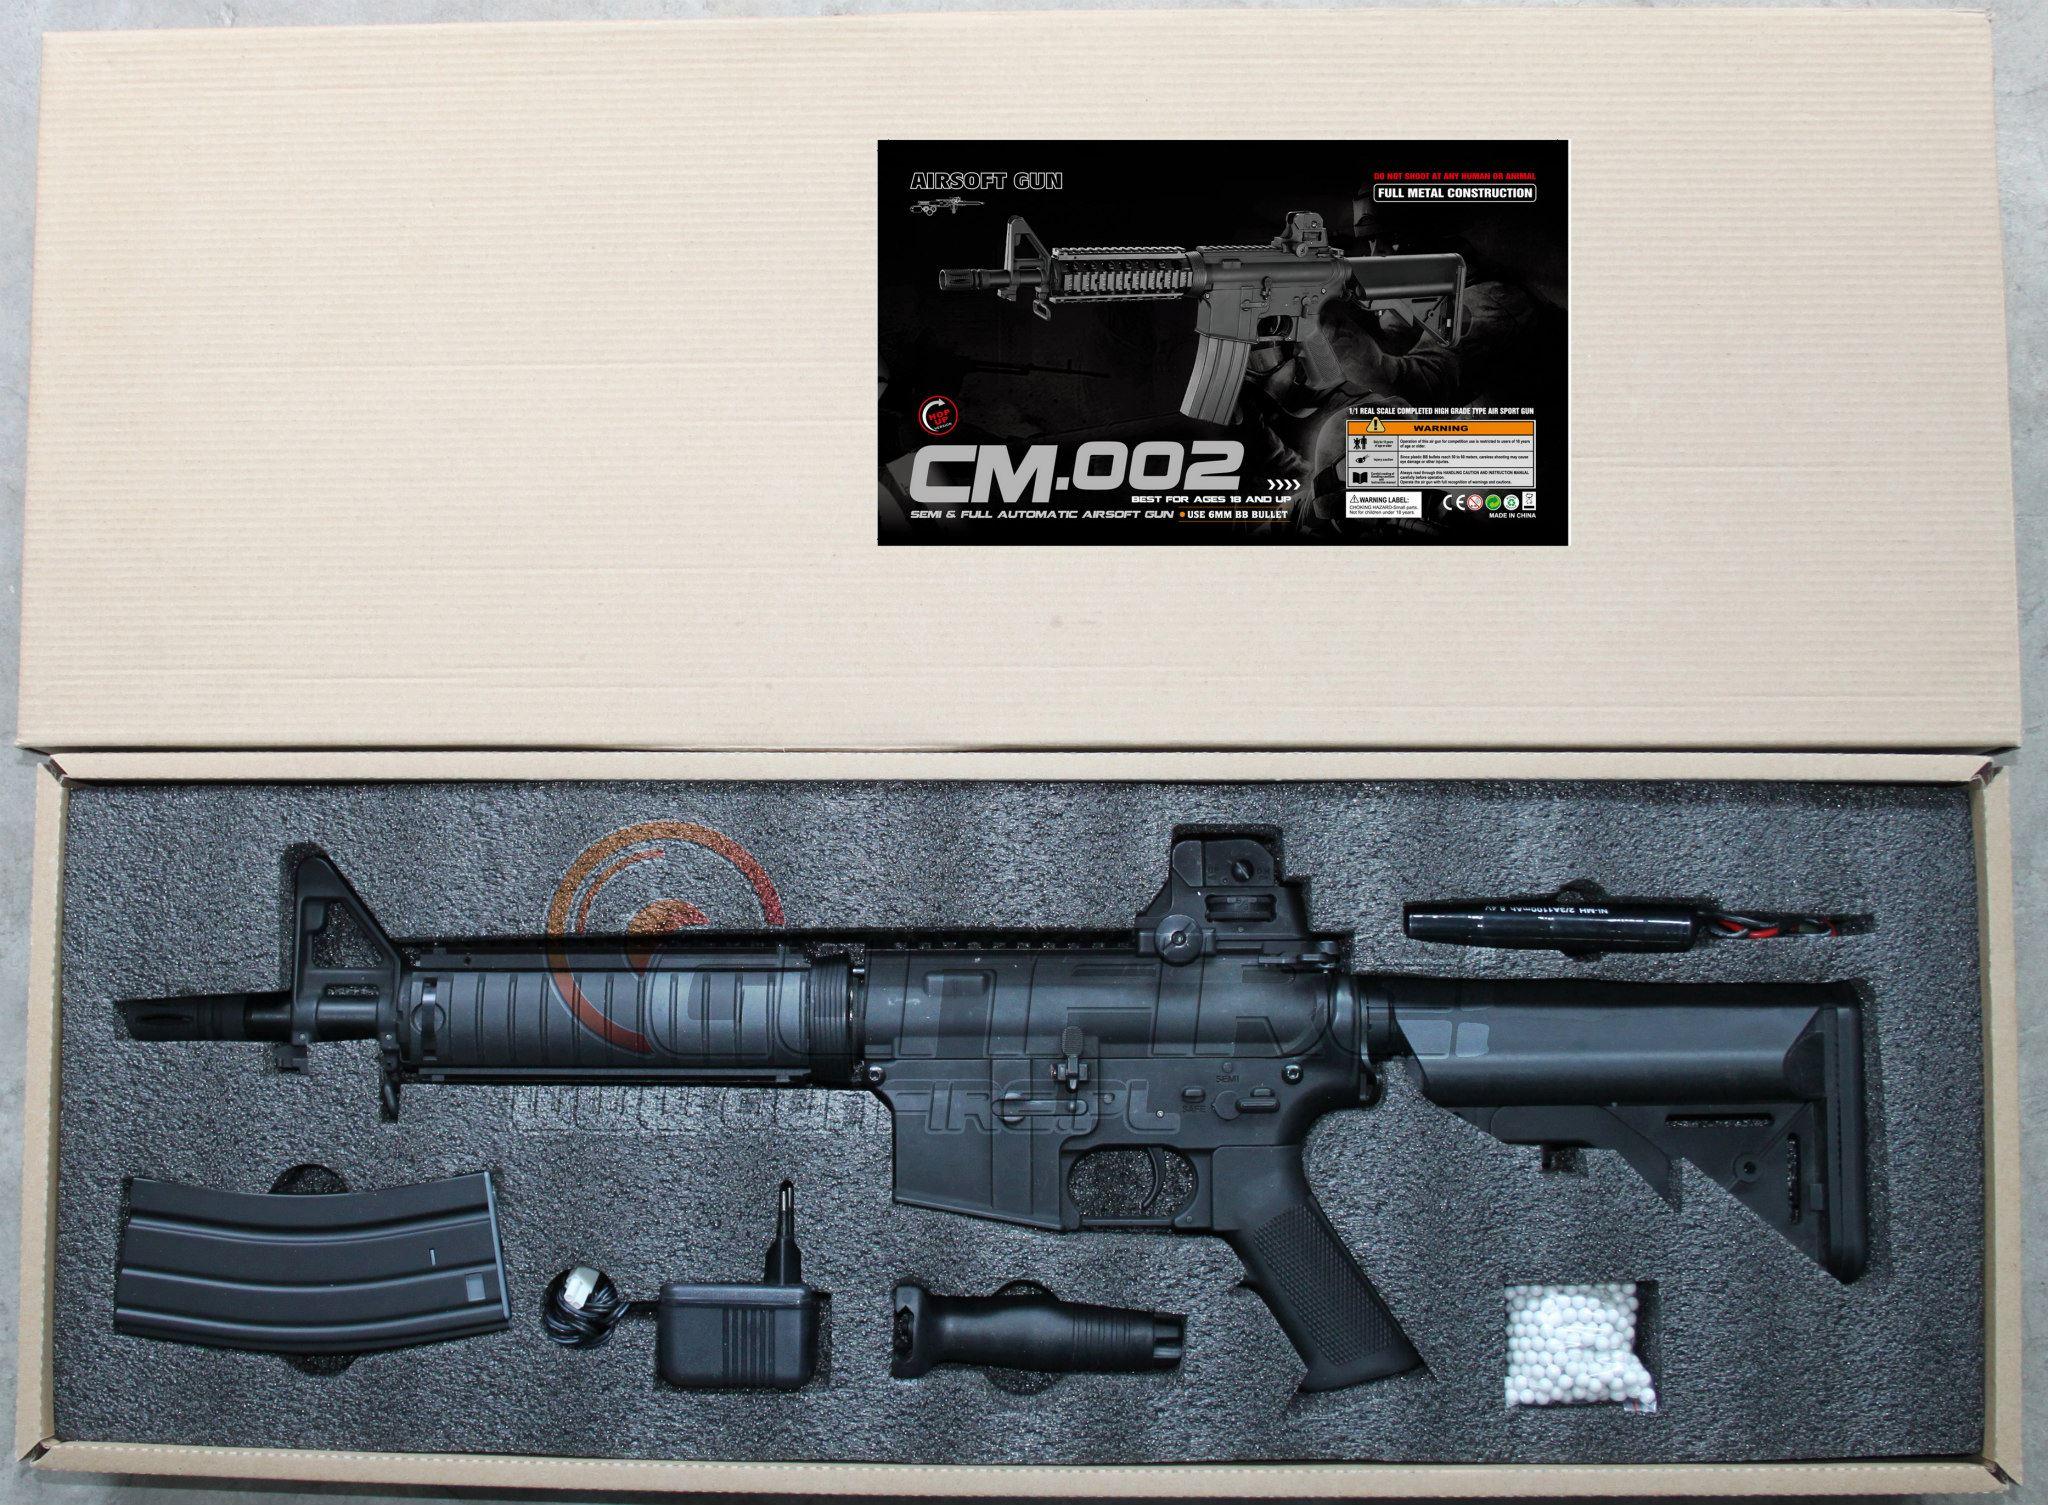 Cyma anuncia que fabricará M4 - M16 CM-002